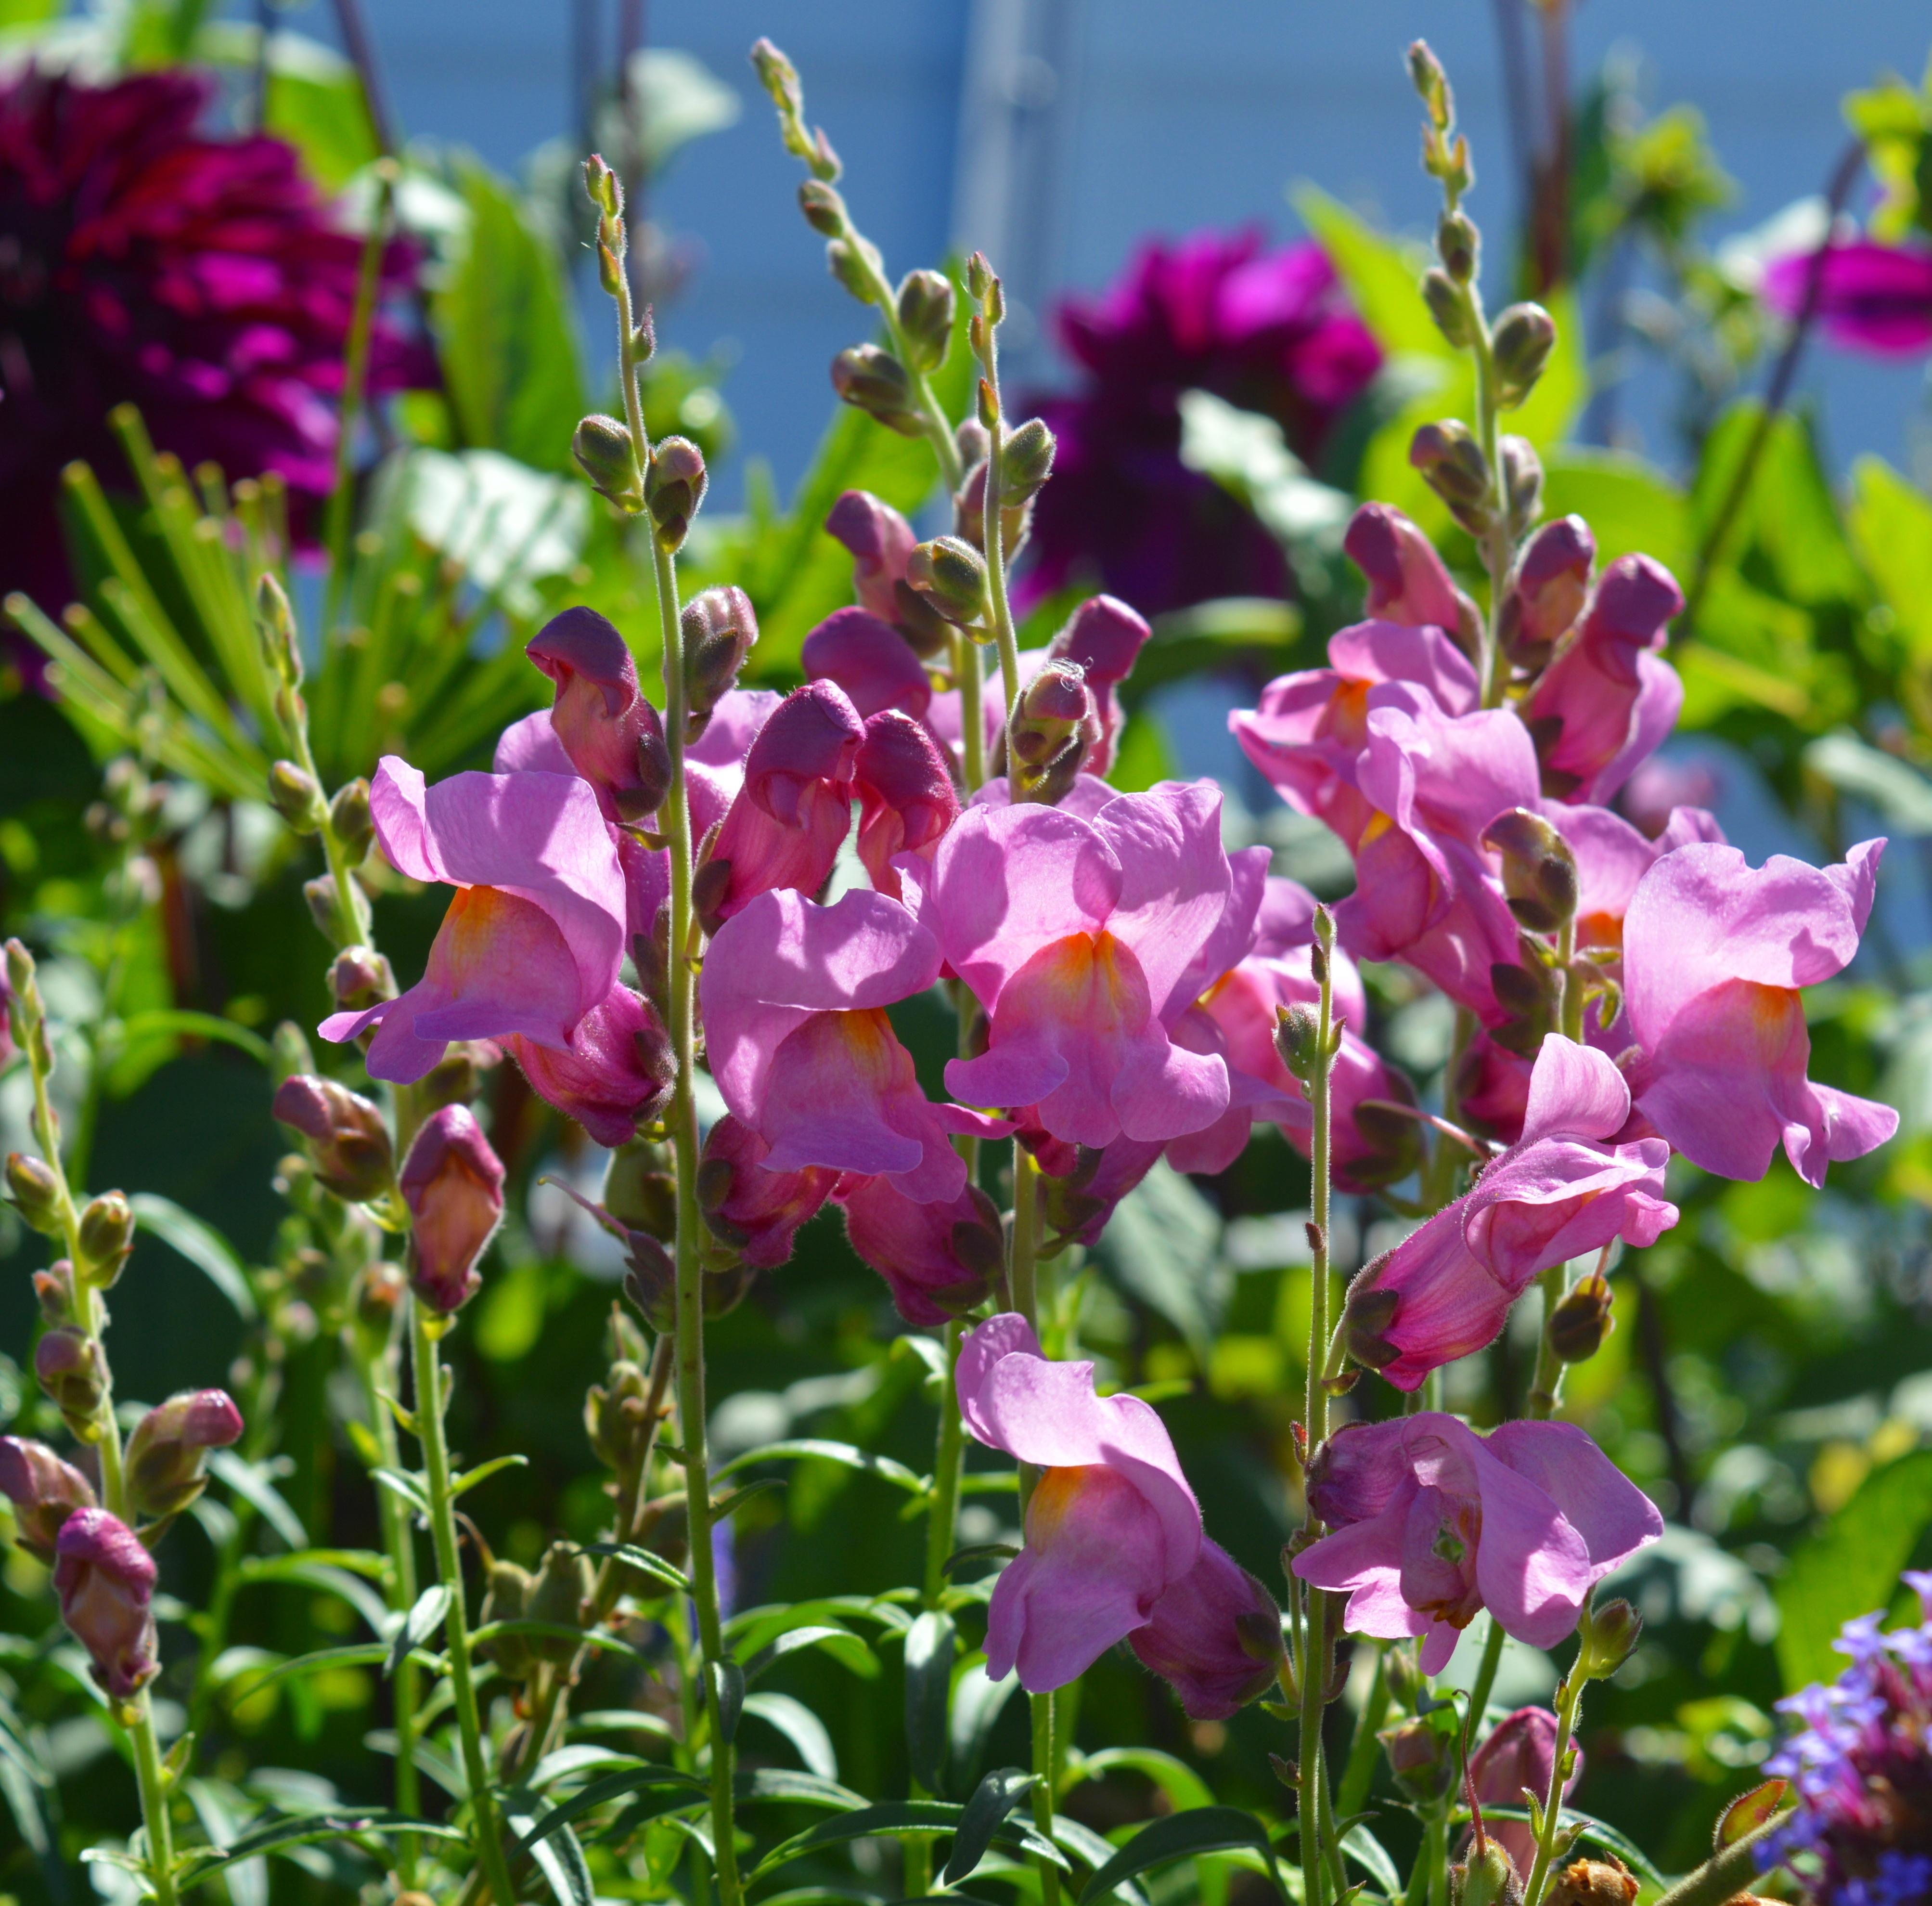 Images Gratuites La Nature Fleur Ete Herbe Botanique Jardin